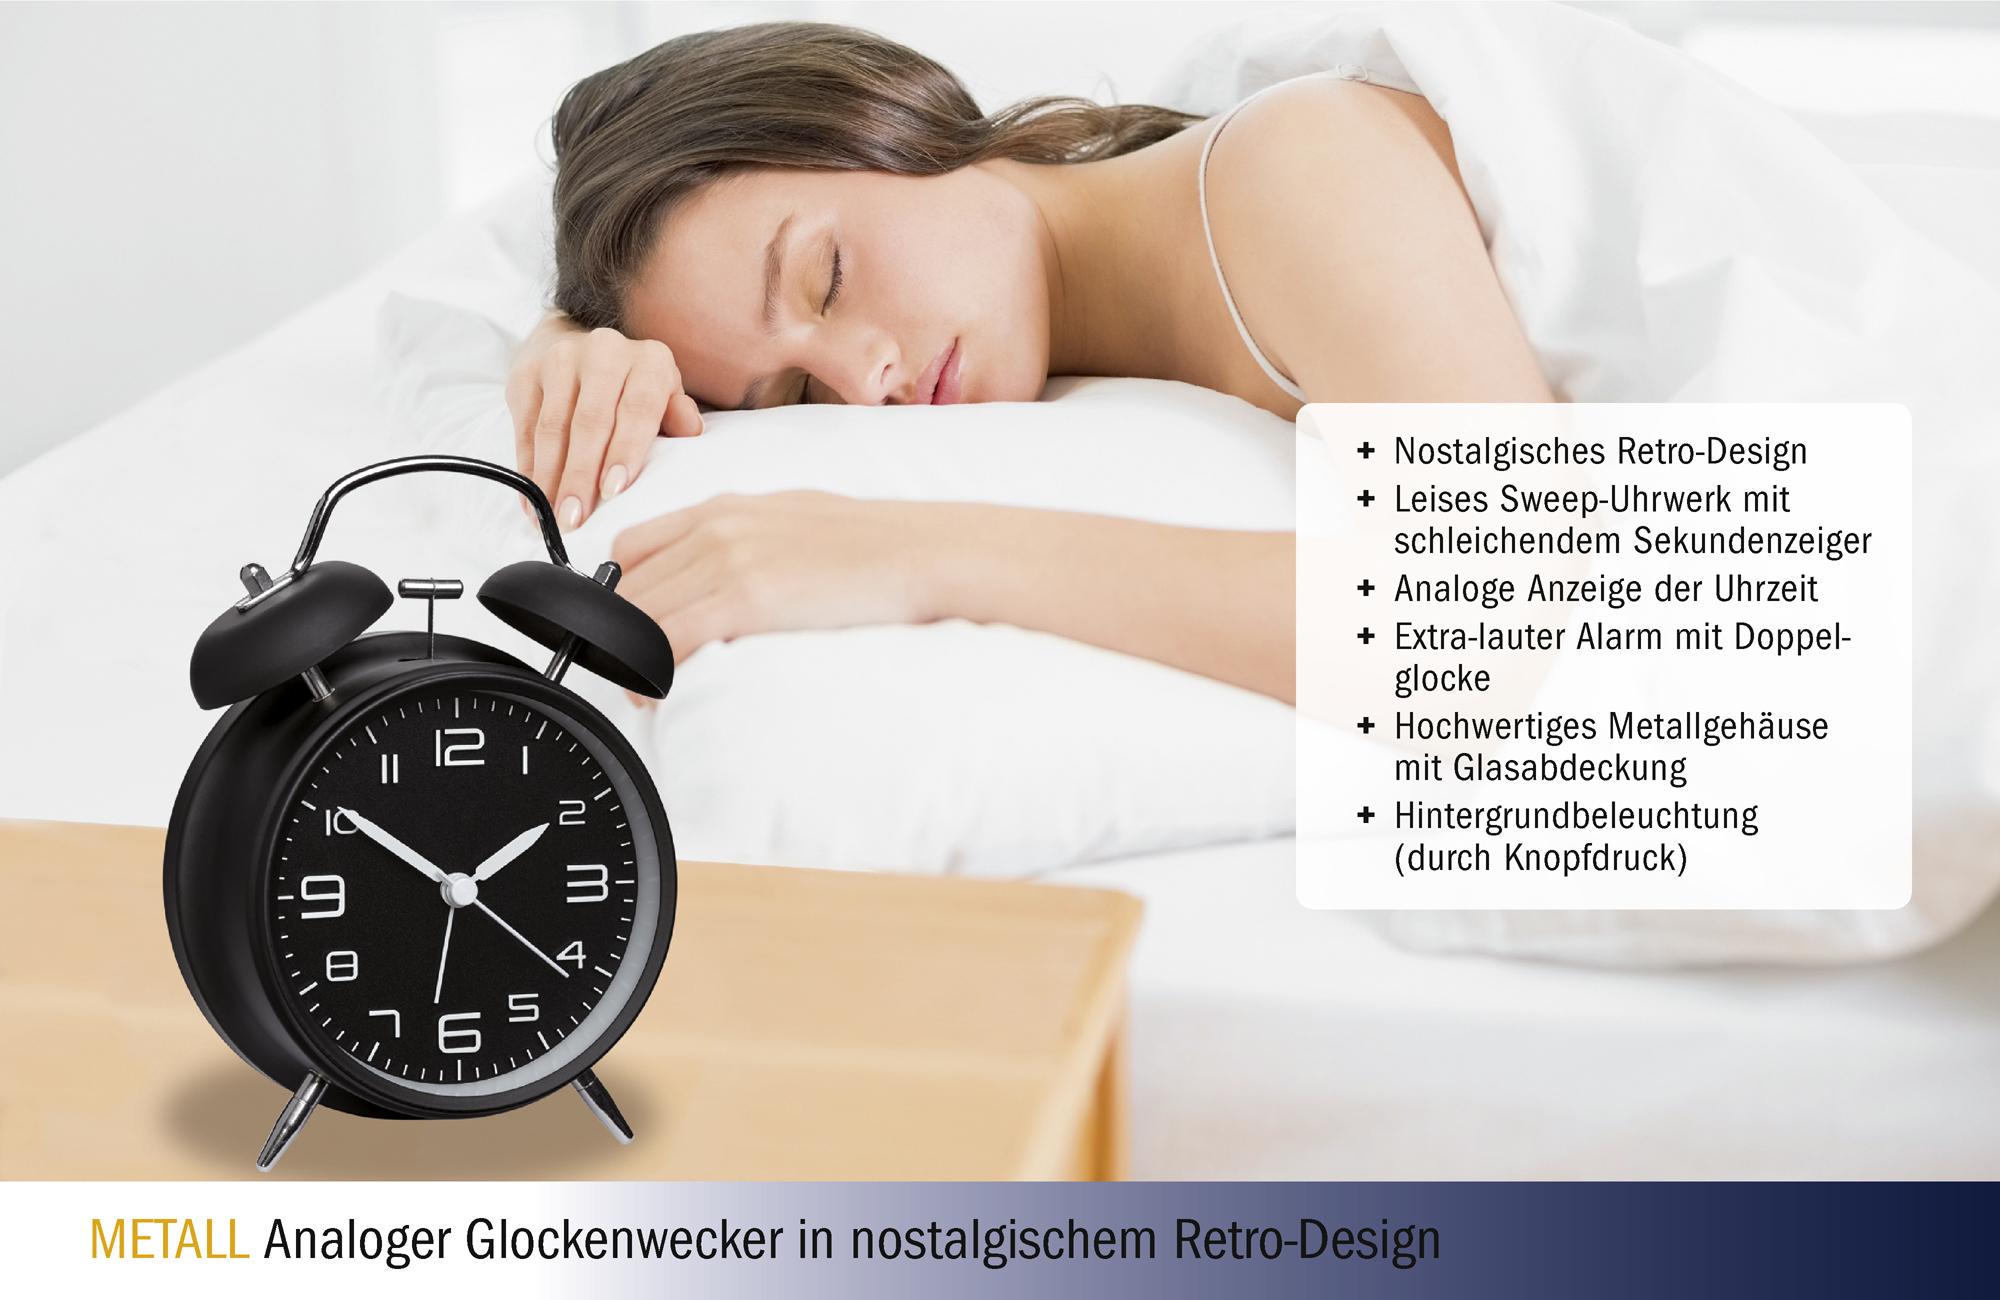 Doppelglockenwecker_Analoger Wecker_ lauter Alarm_601025_Vorteile.jpg